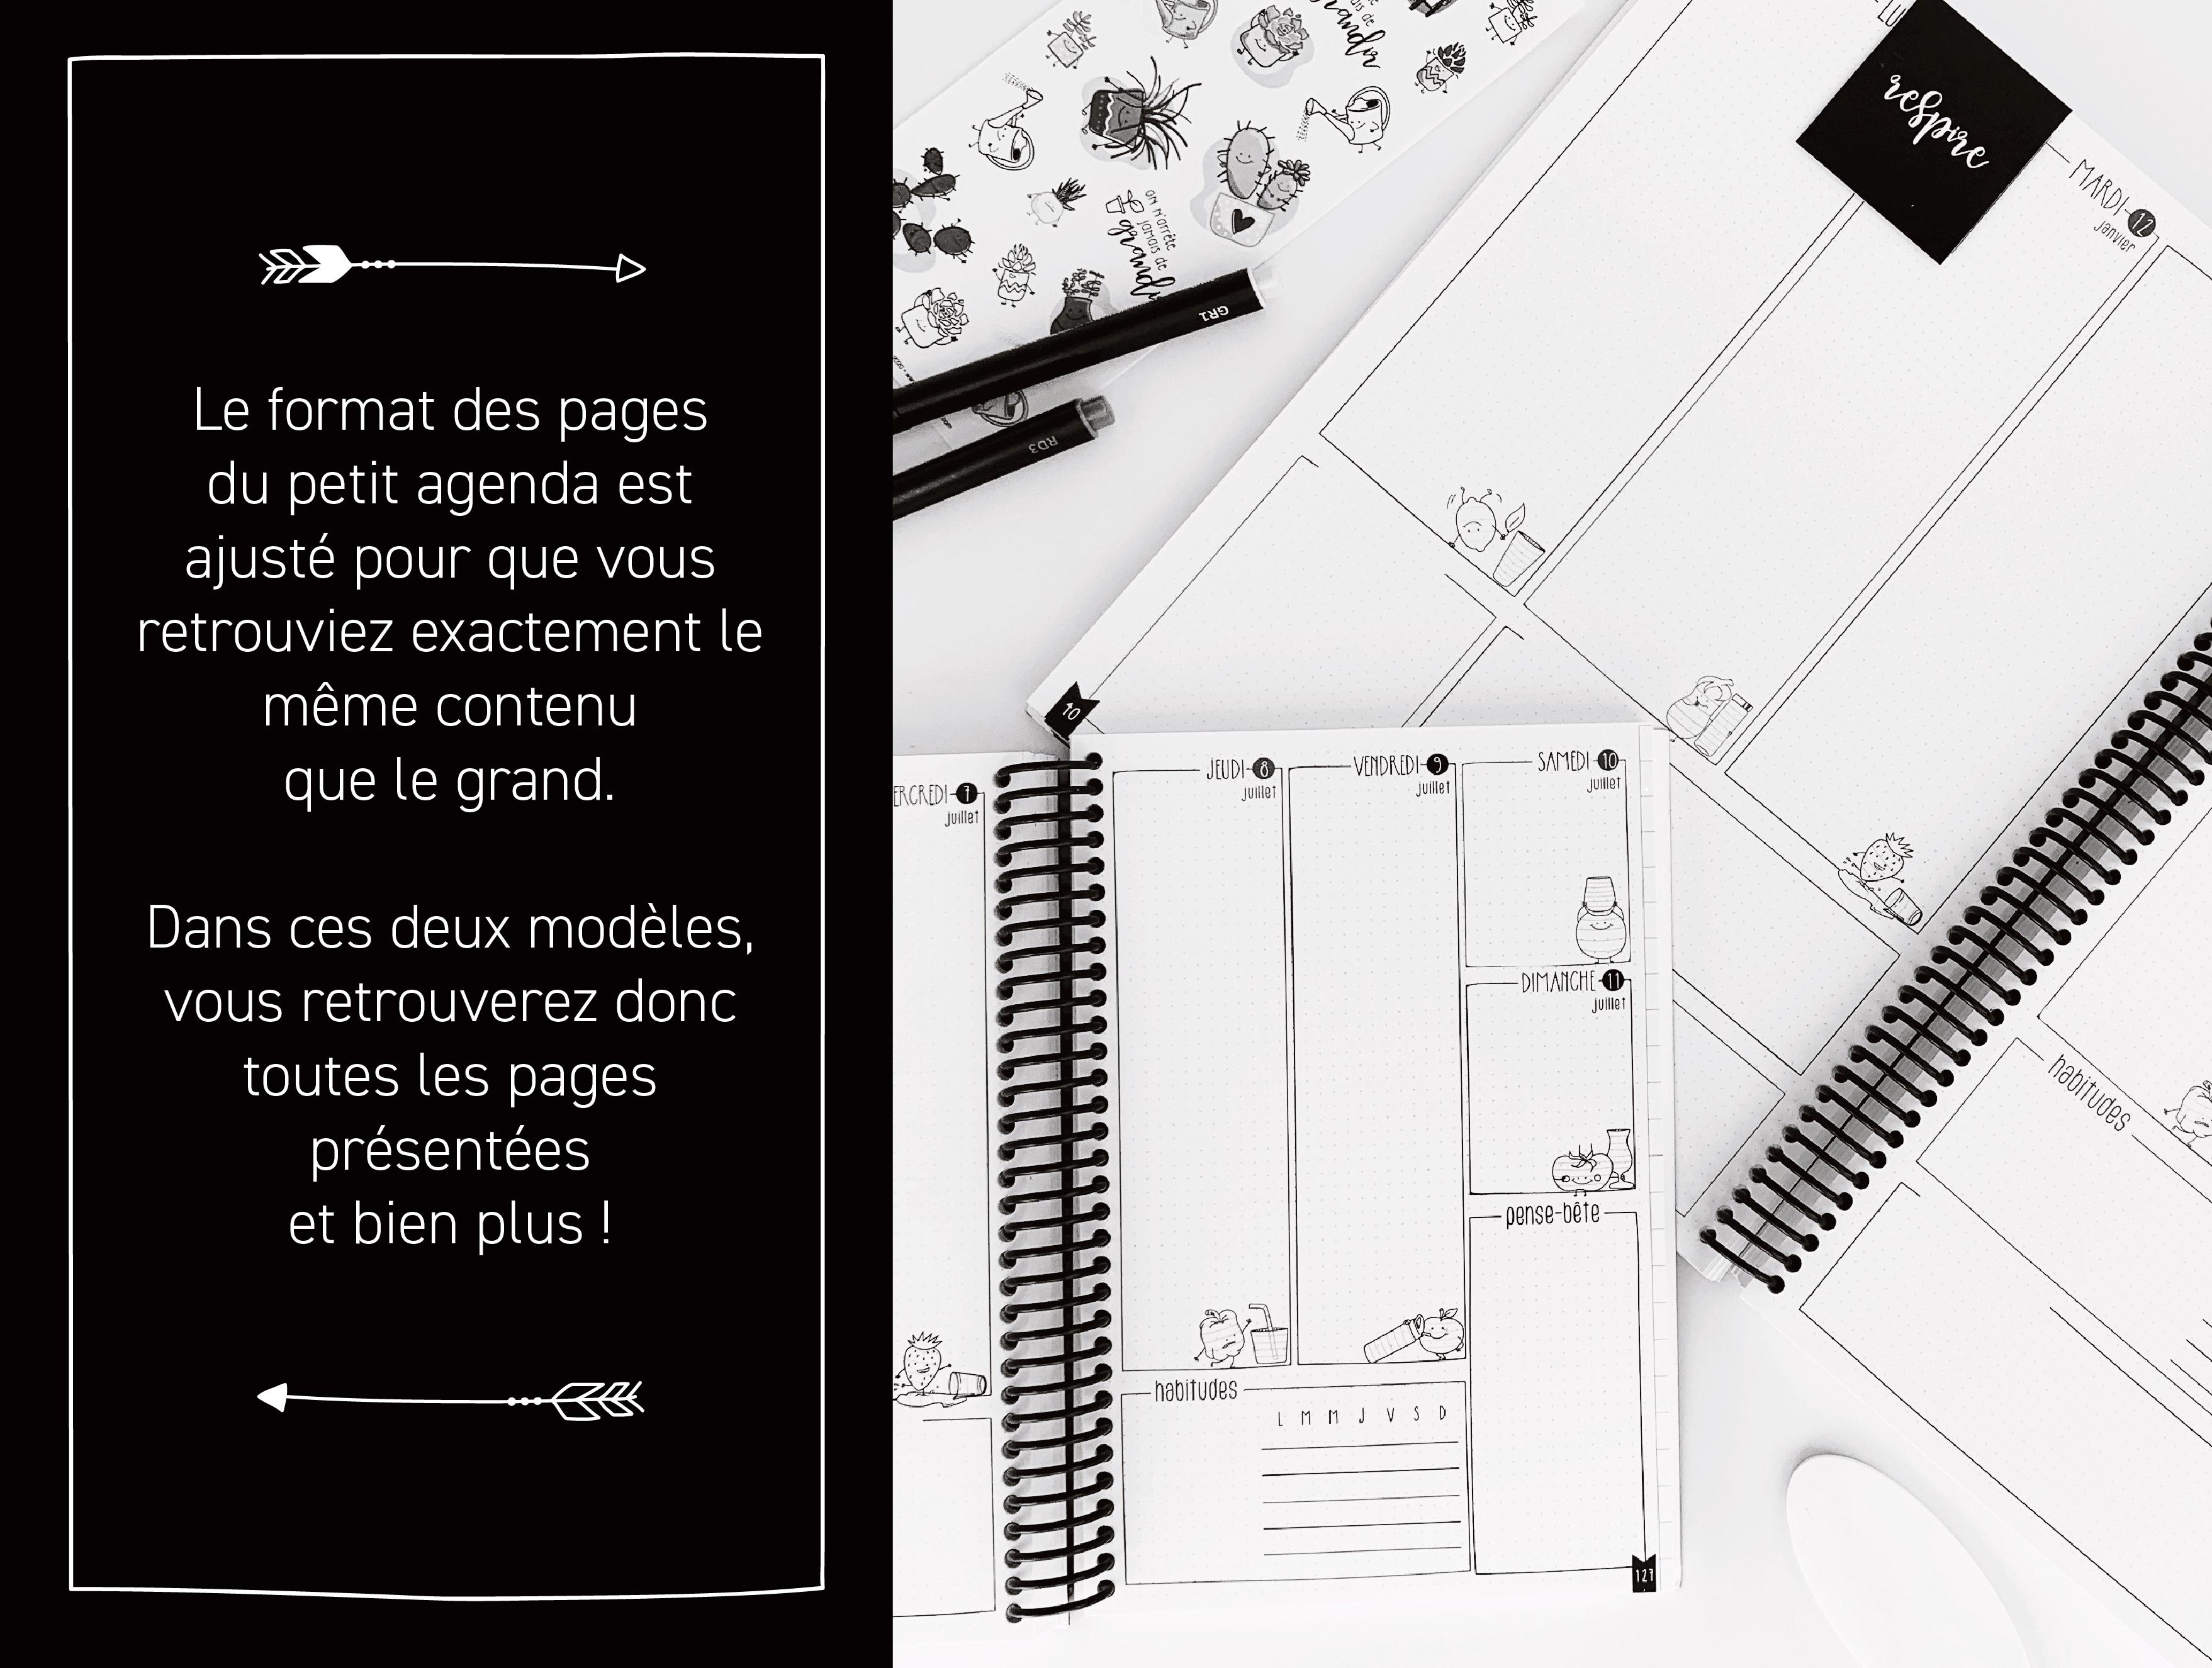 Agenda_Interieur_GaleriePhoto-13